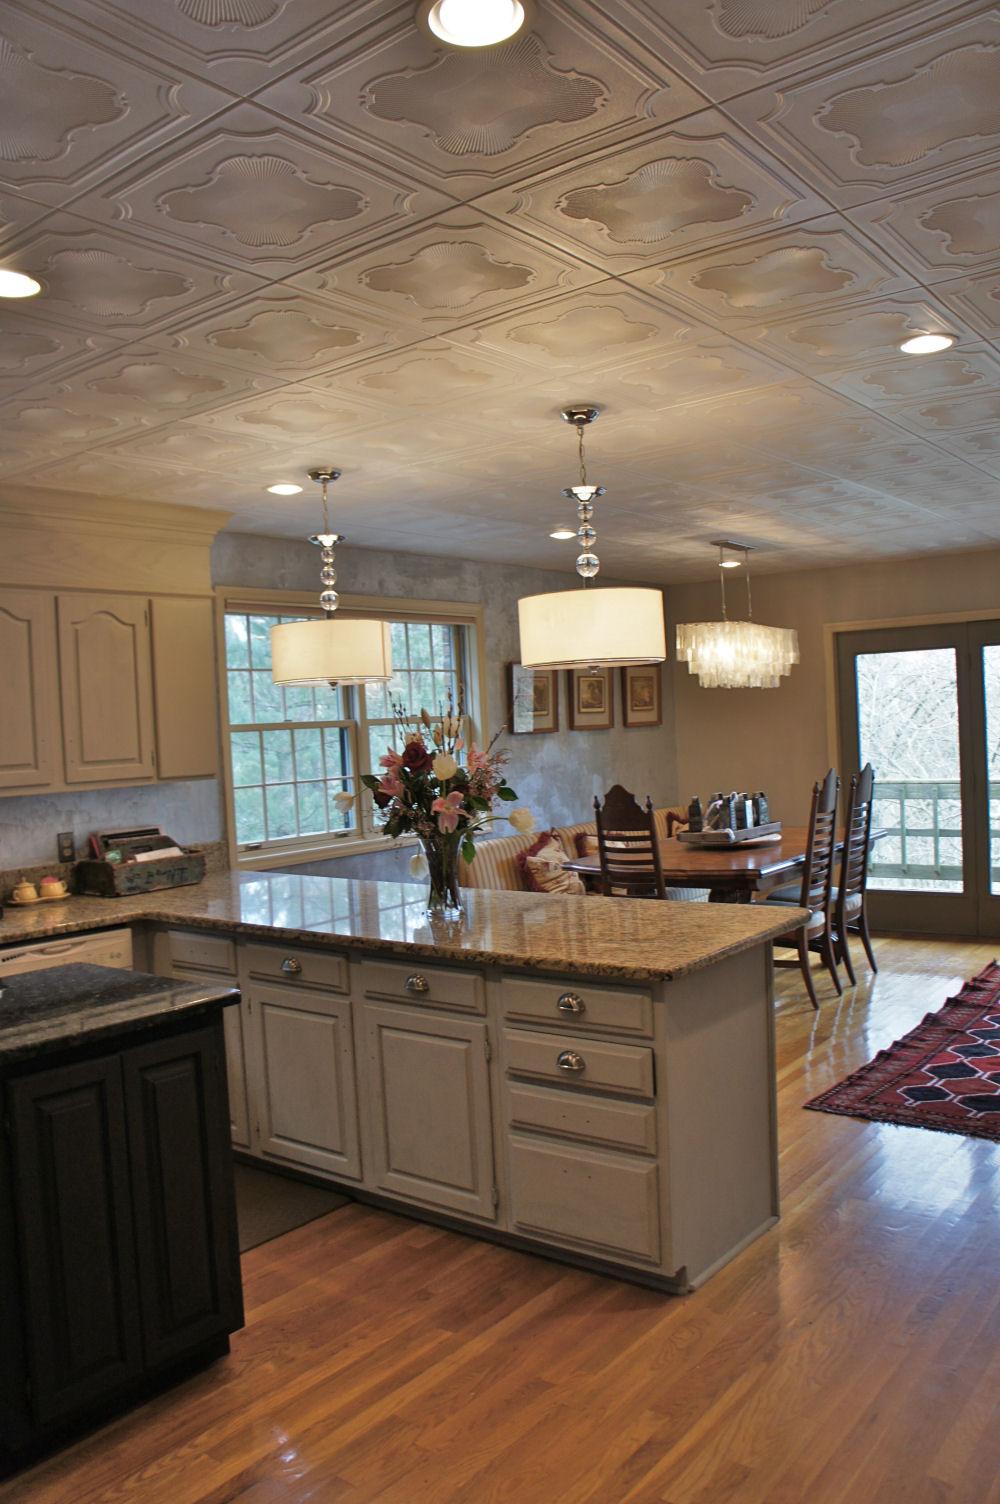 подпортил чем покрывать потолок в кухне фото квартире можно использовать